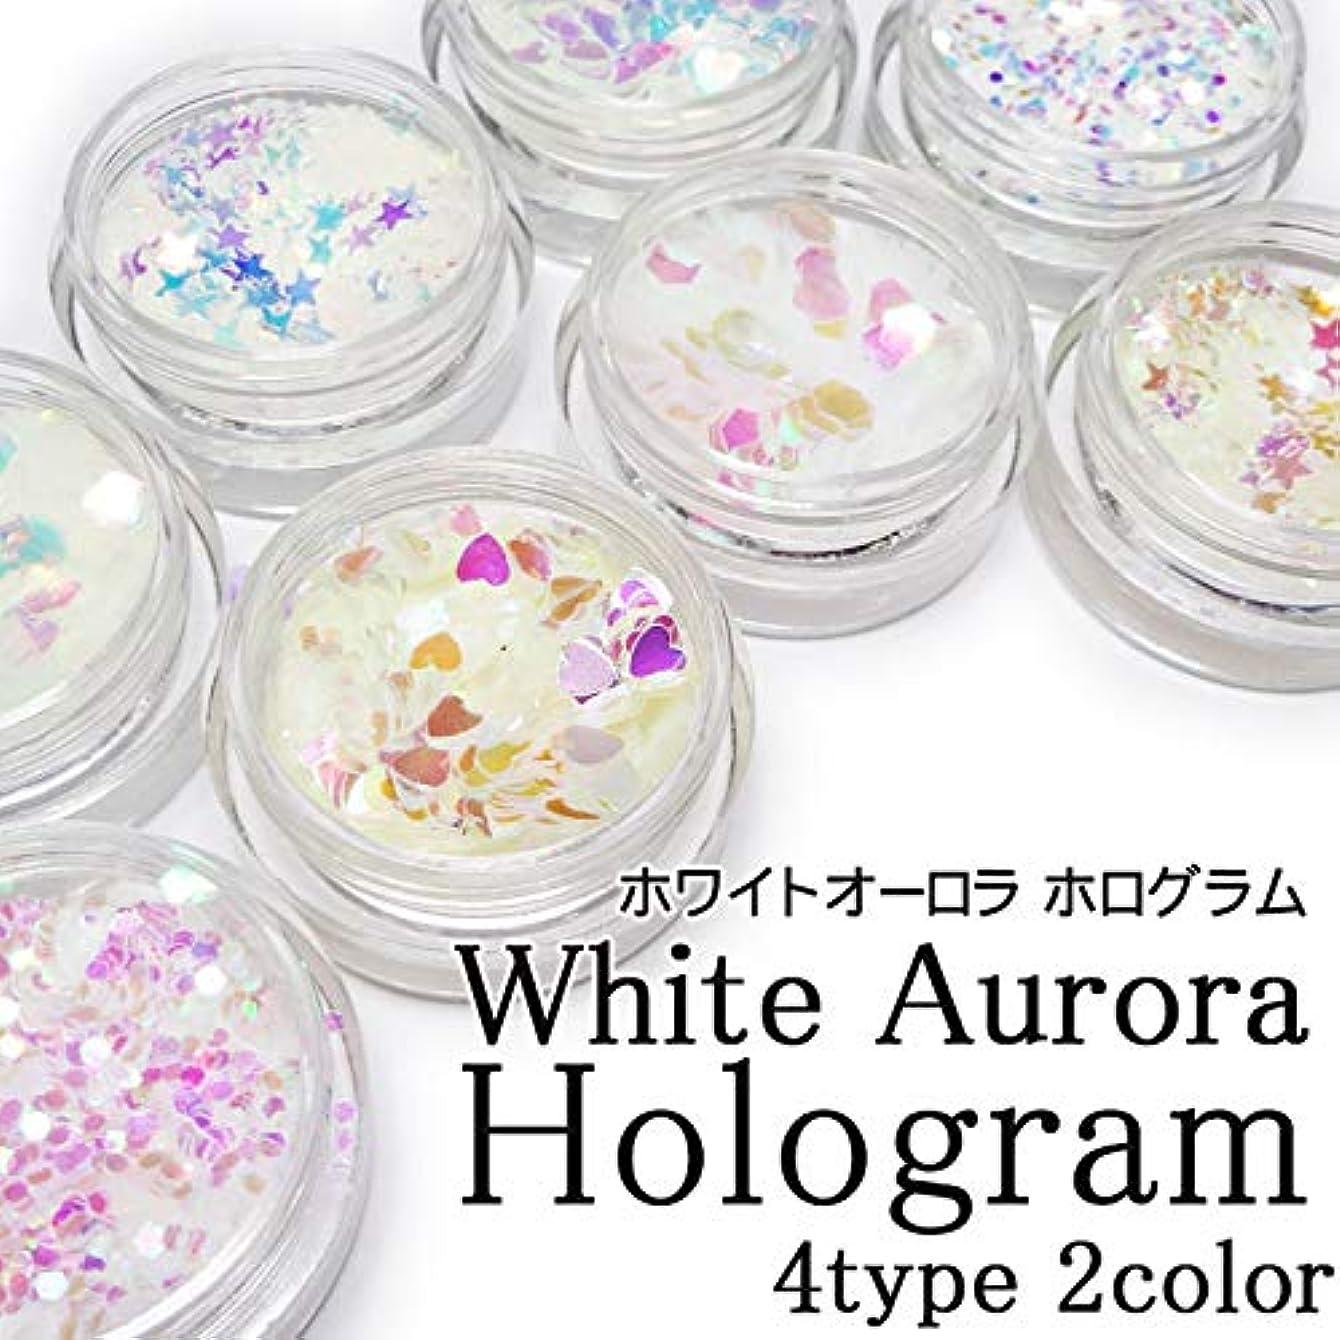 ホワイトオーロラ ホログラム(ケース入り)約1g前後入り 各種 (ピンク, 4.ハート)